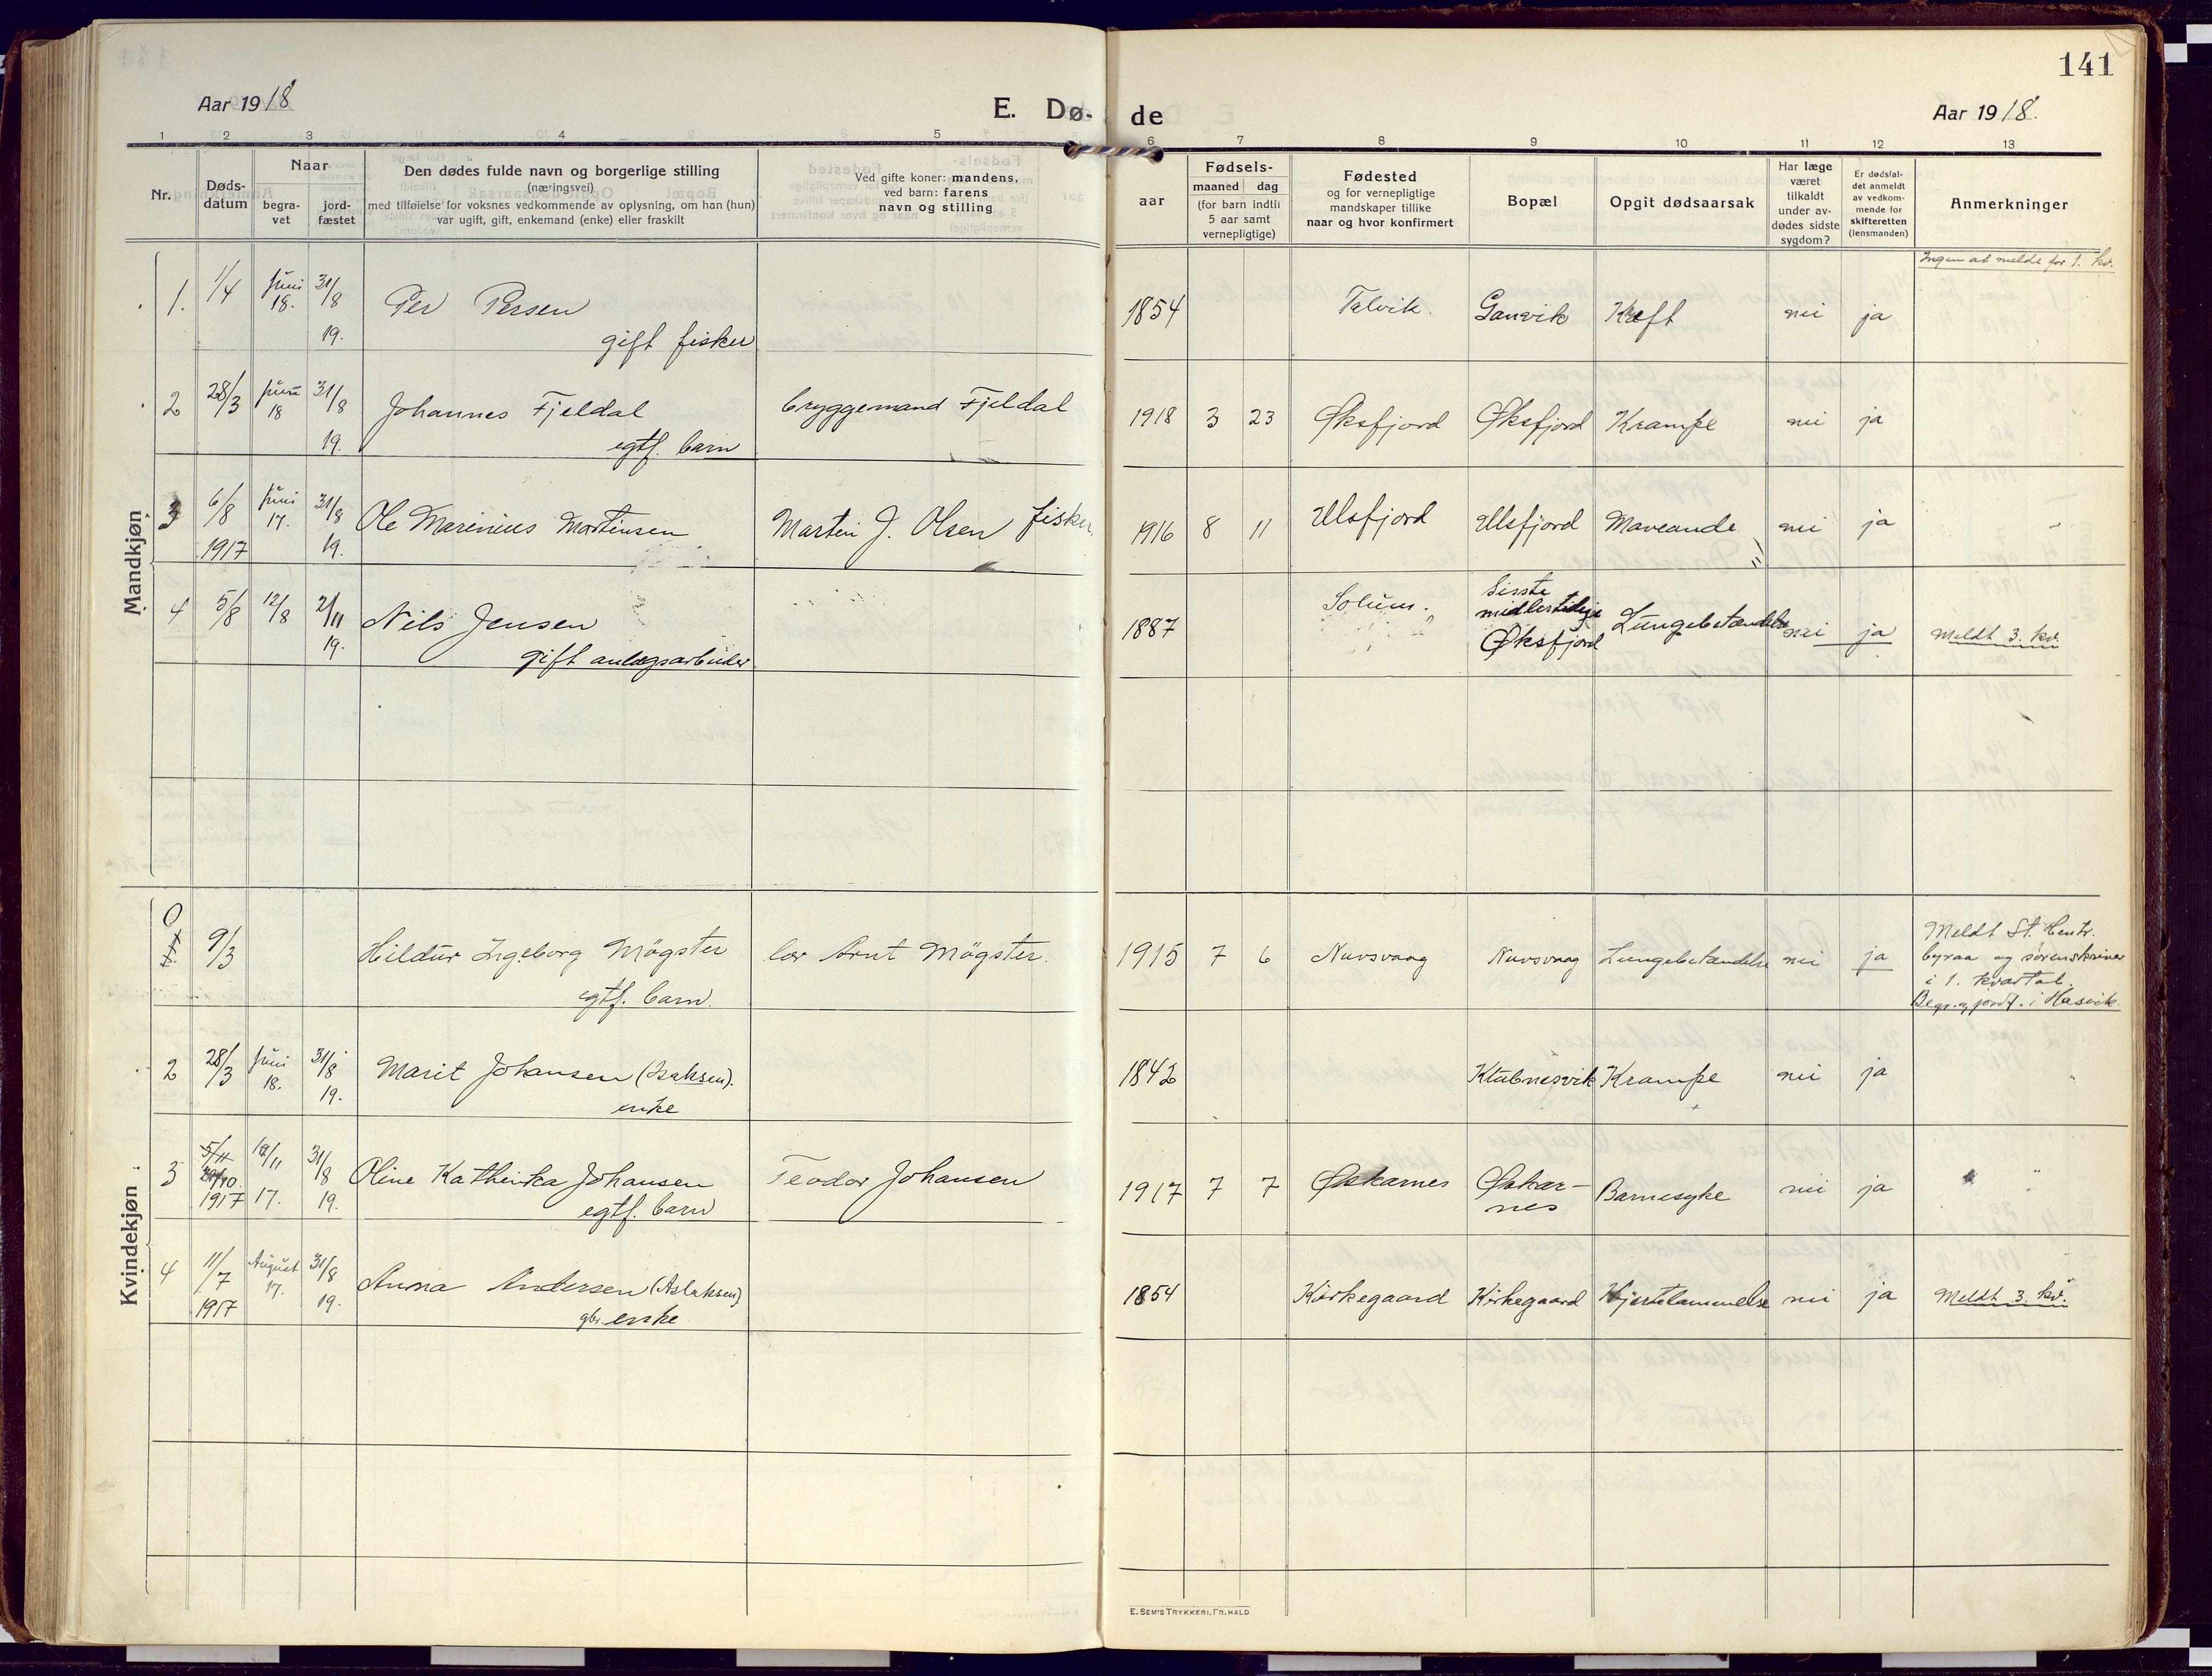 SATØ, Loppa sokneprestkontor, H/Ha/L0012kirke: Ministerialbok nr. 12, 1917-1932, s. 141